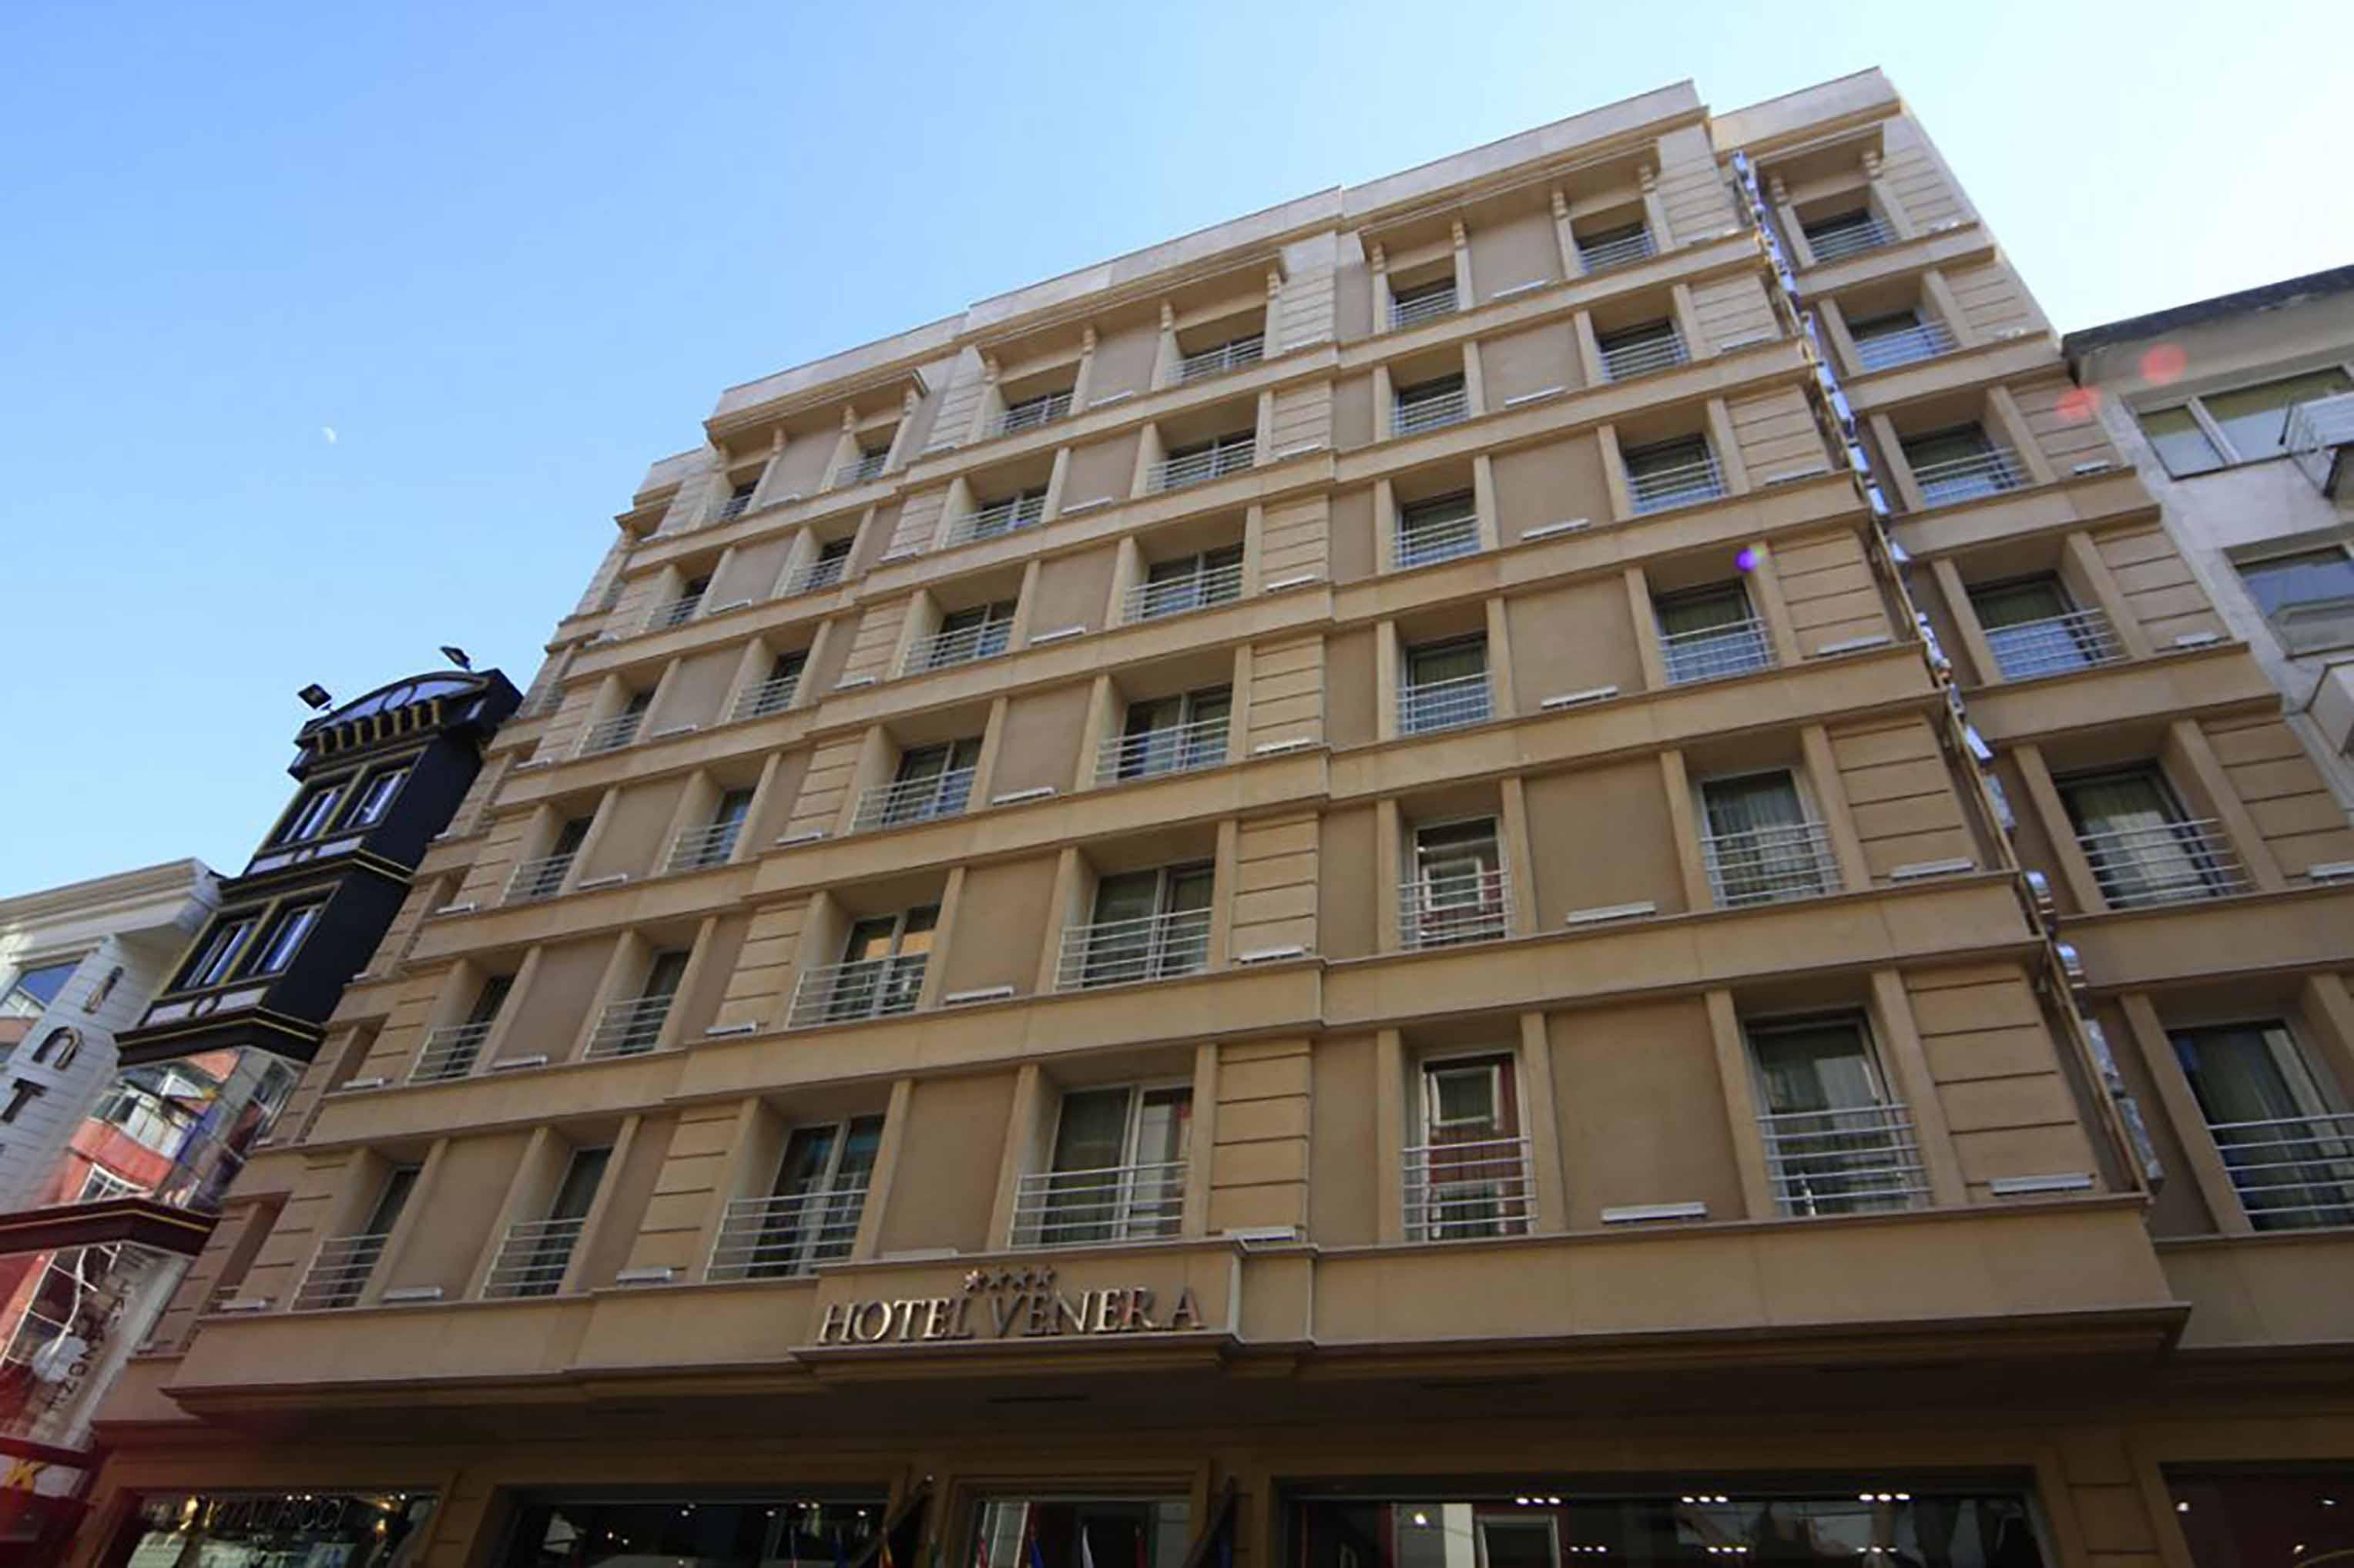 Fibrobeton Hotel Venera, Laleli